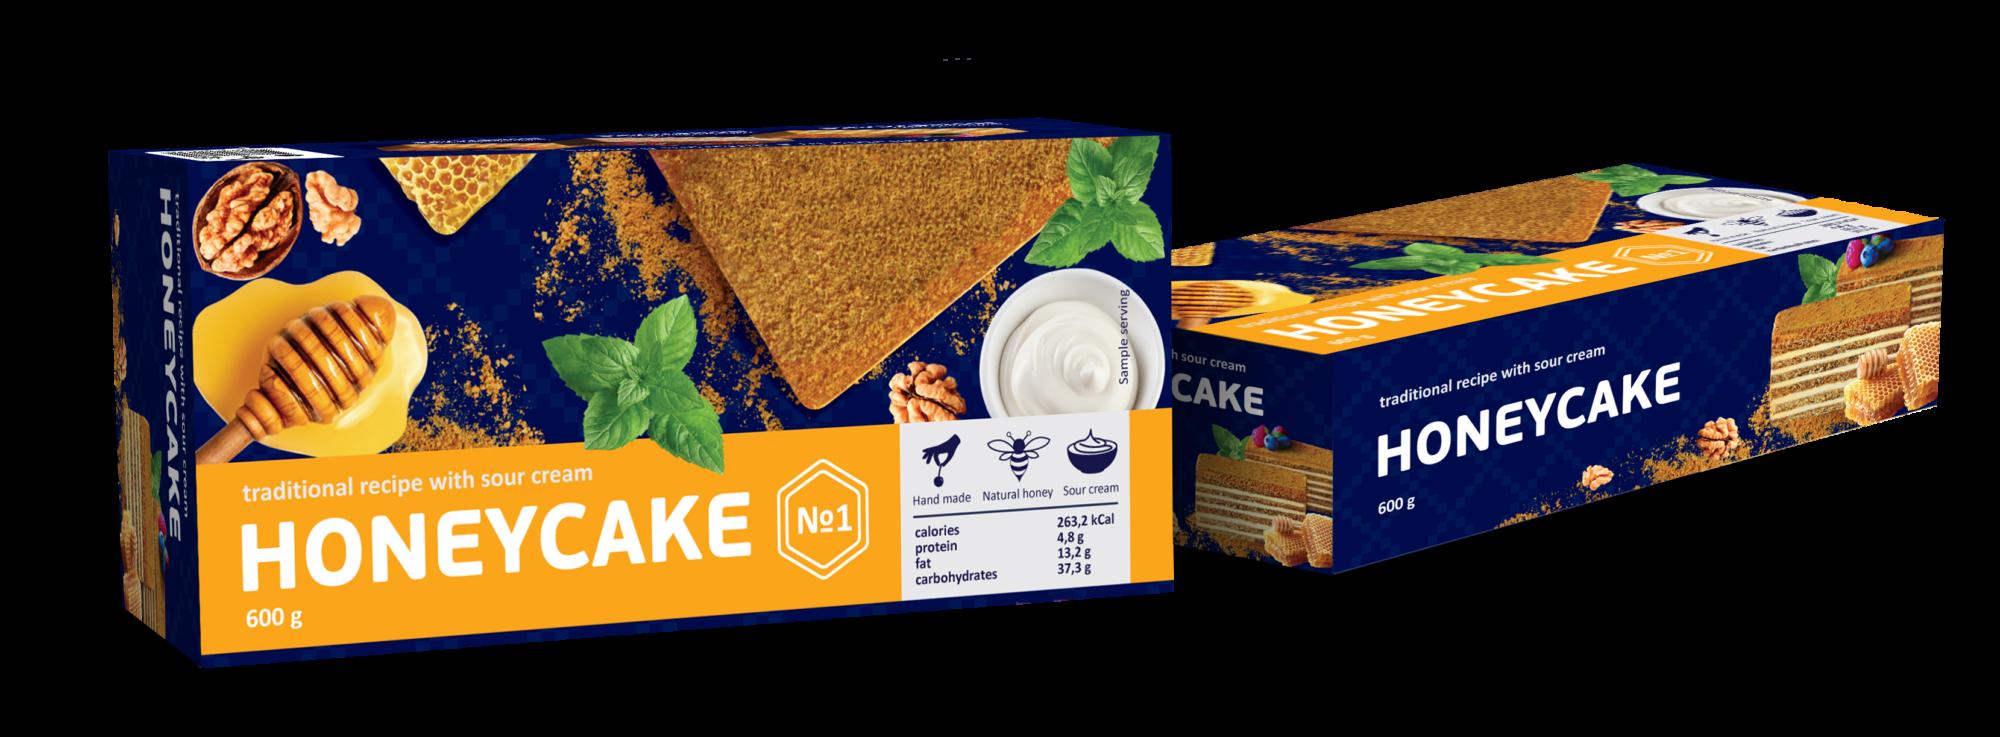 Honeycake 600g